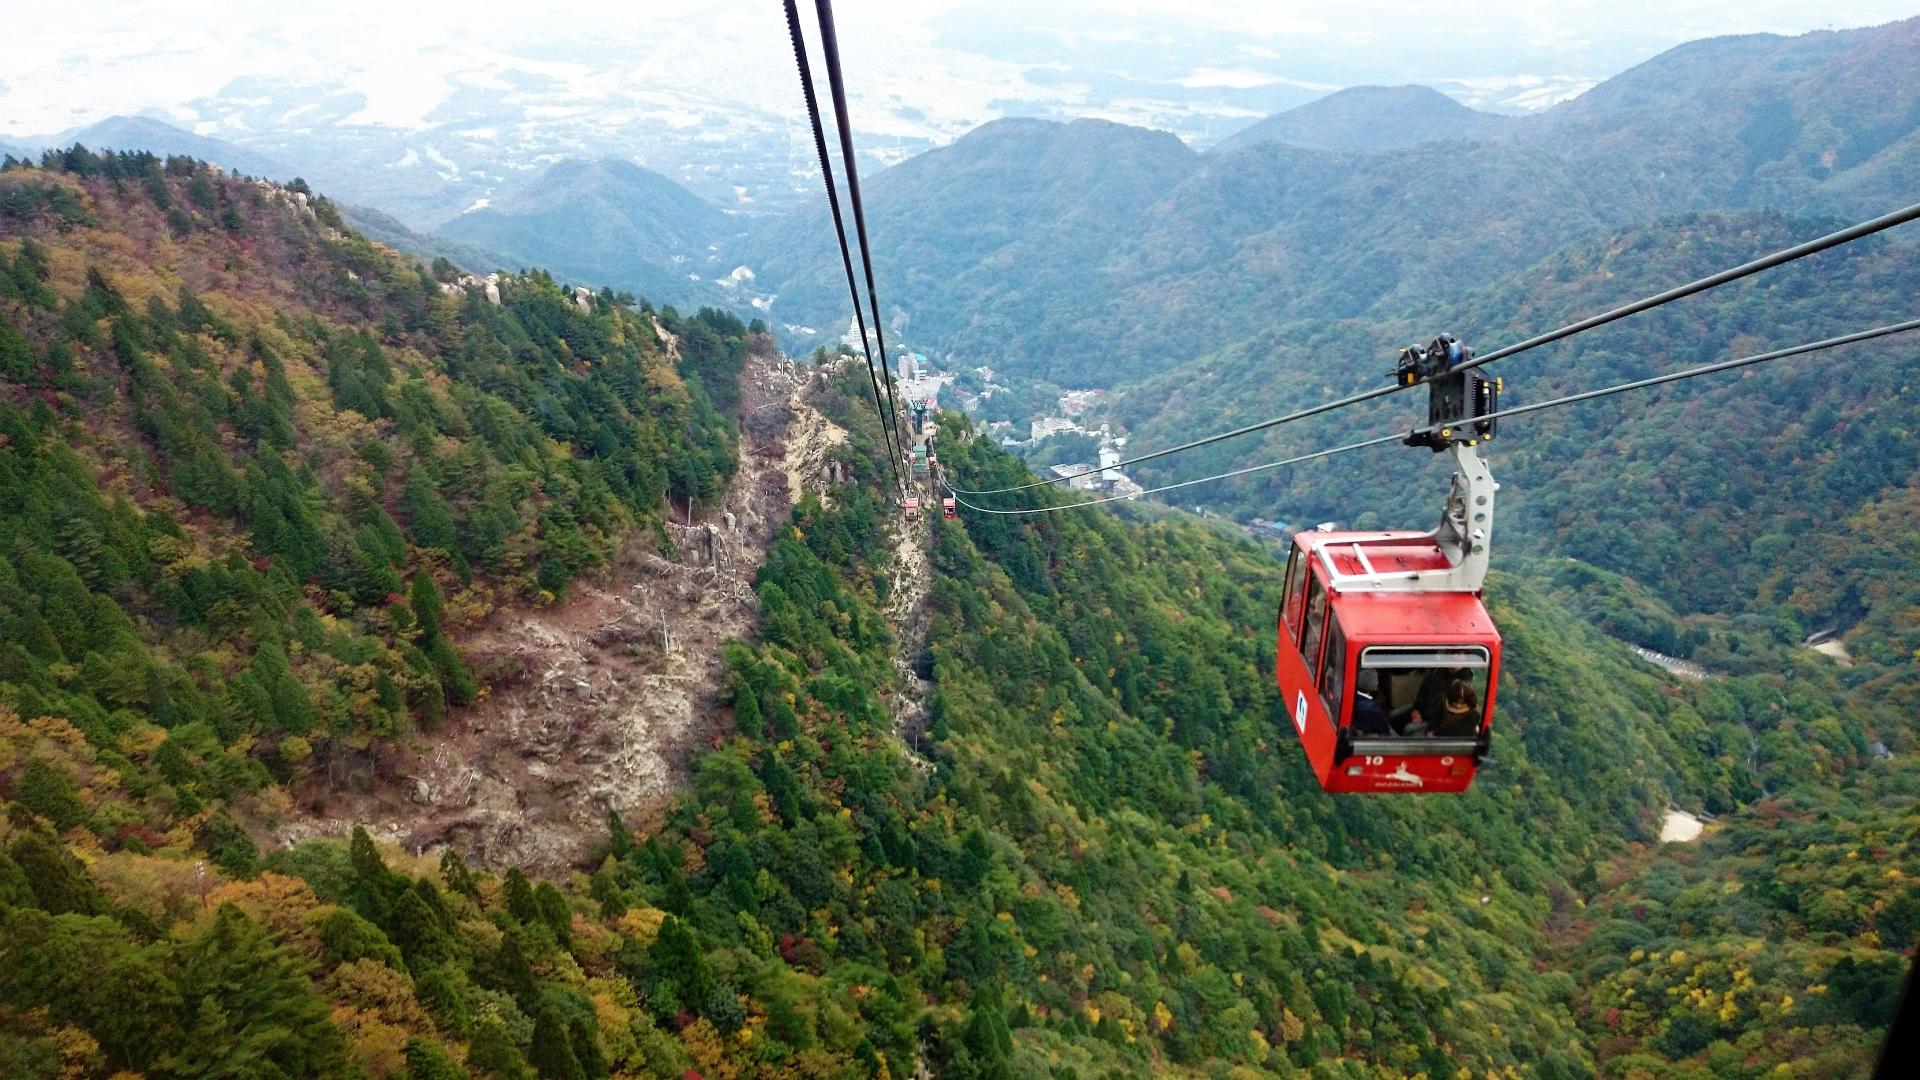 カチカチ山ロープウェイとは?富士山を間近に見れる人気スポット!